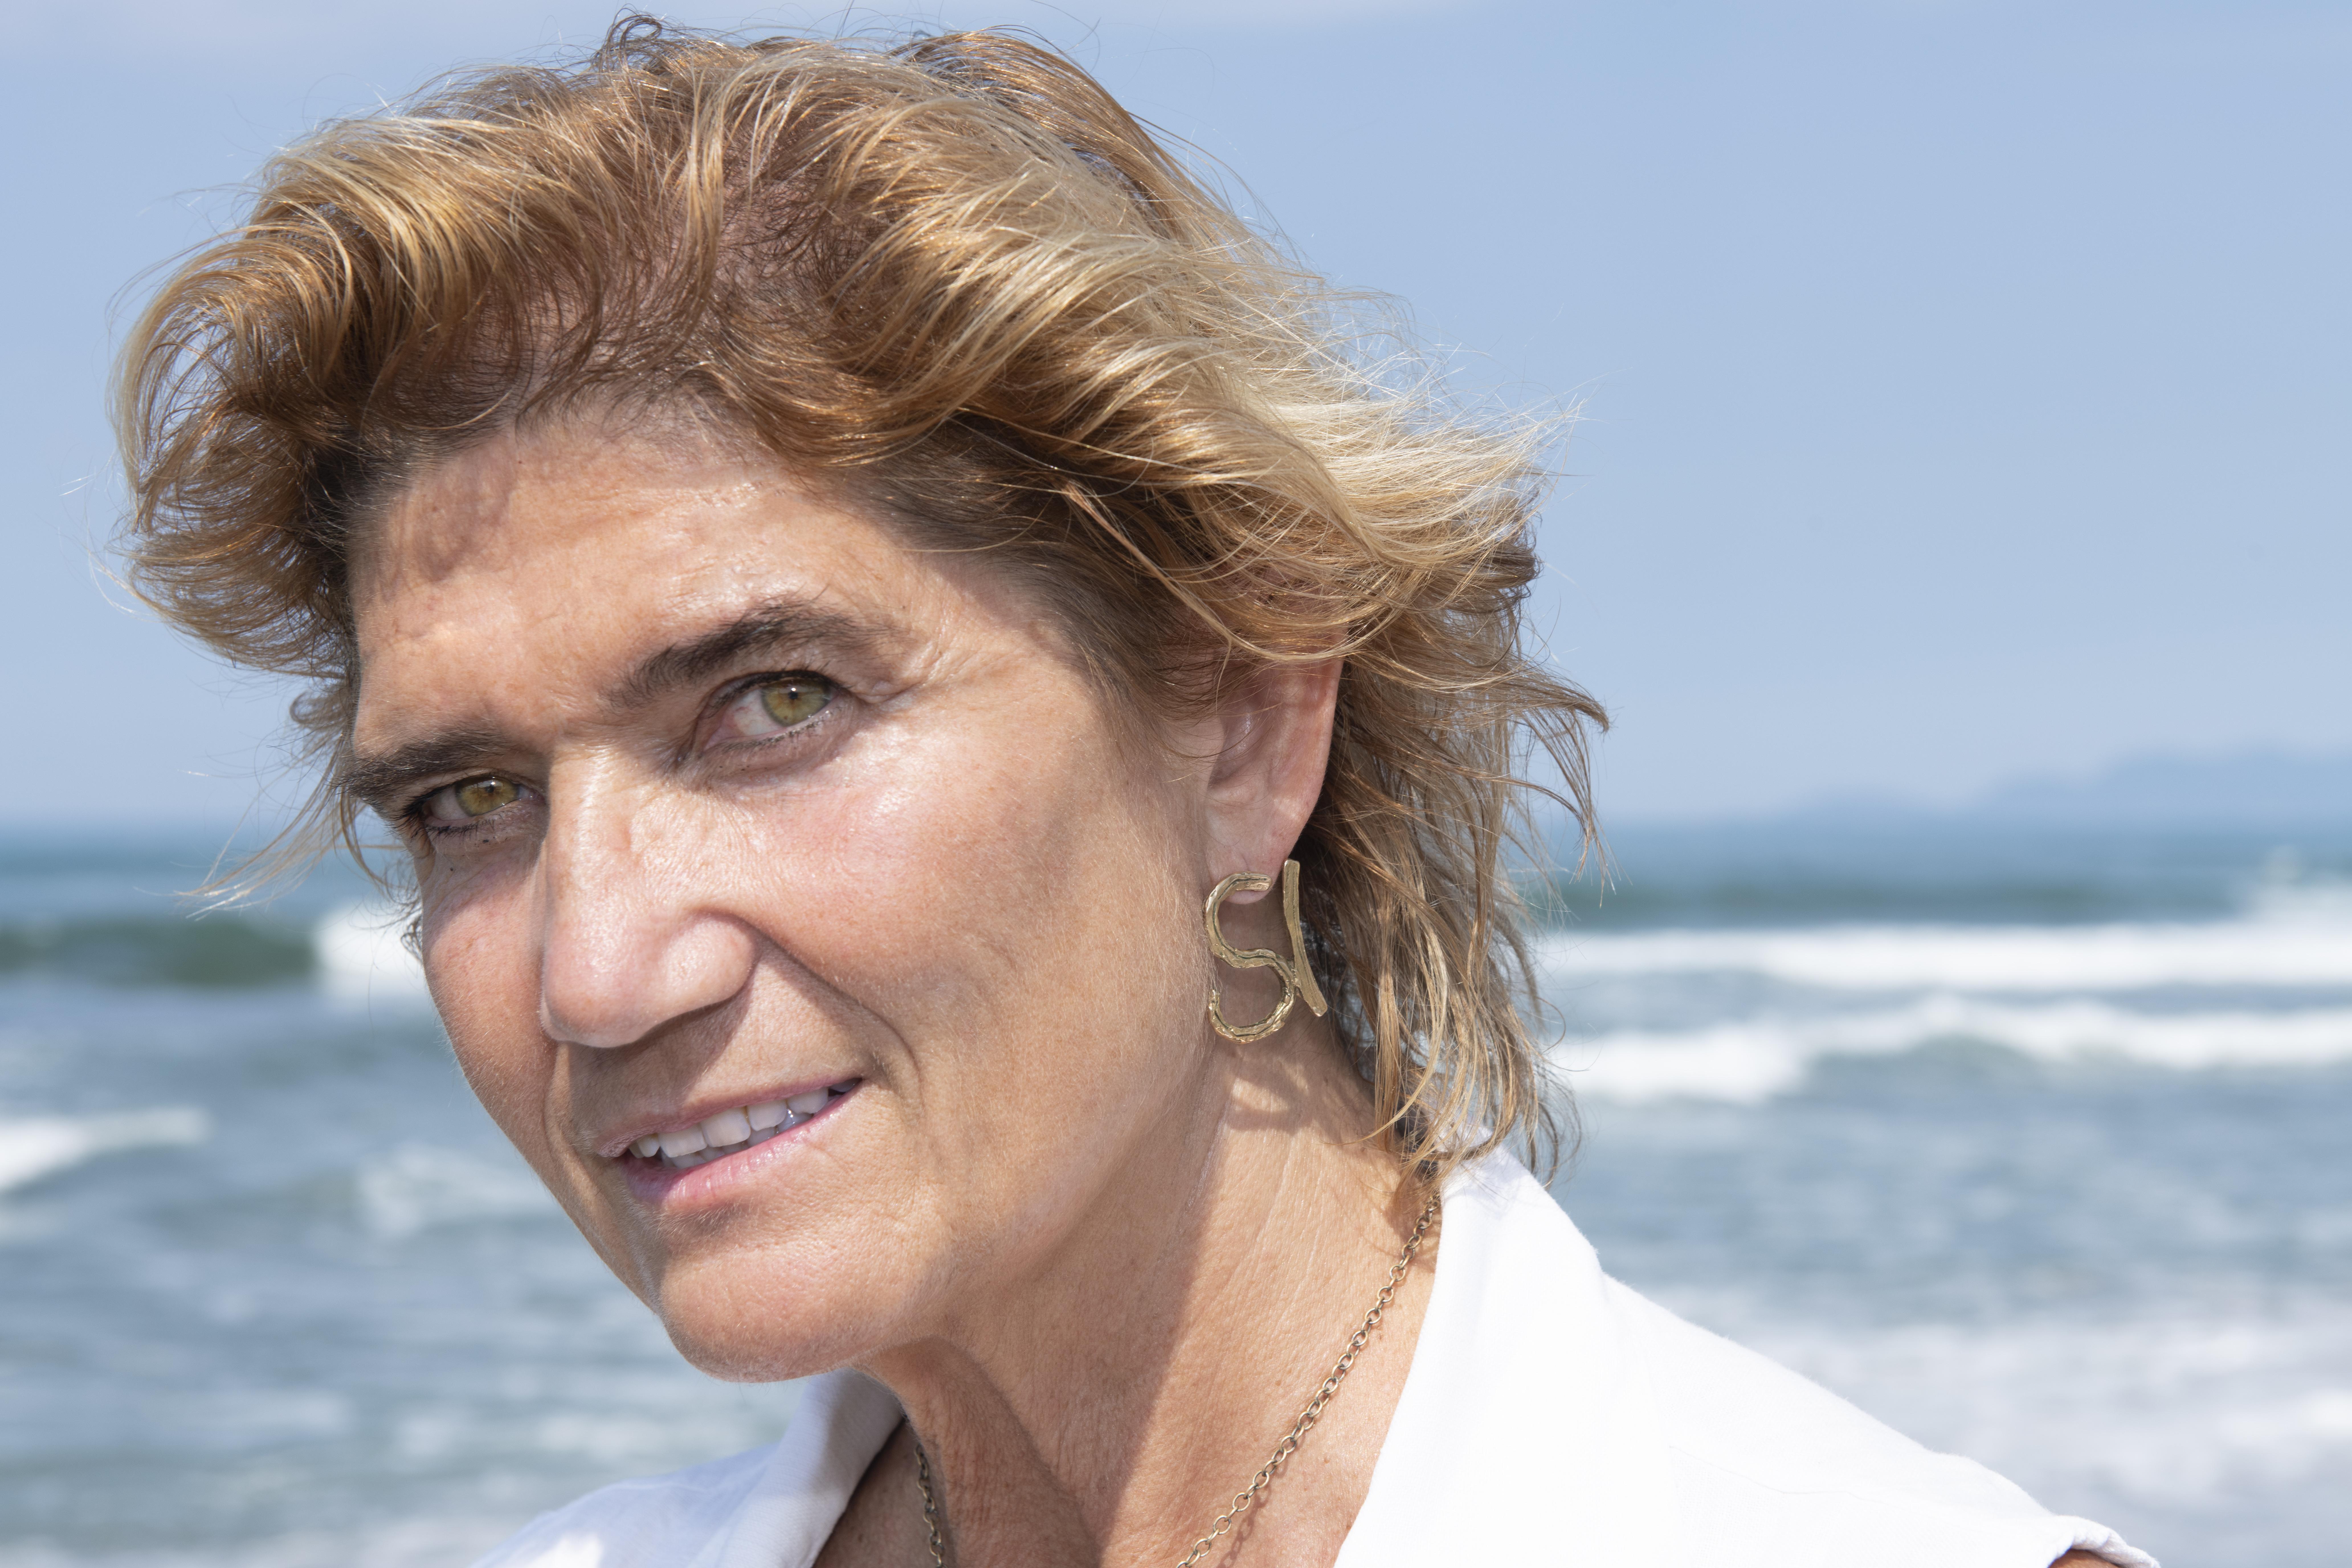 Marina Calamai